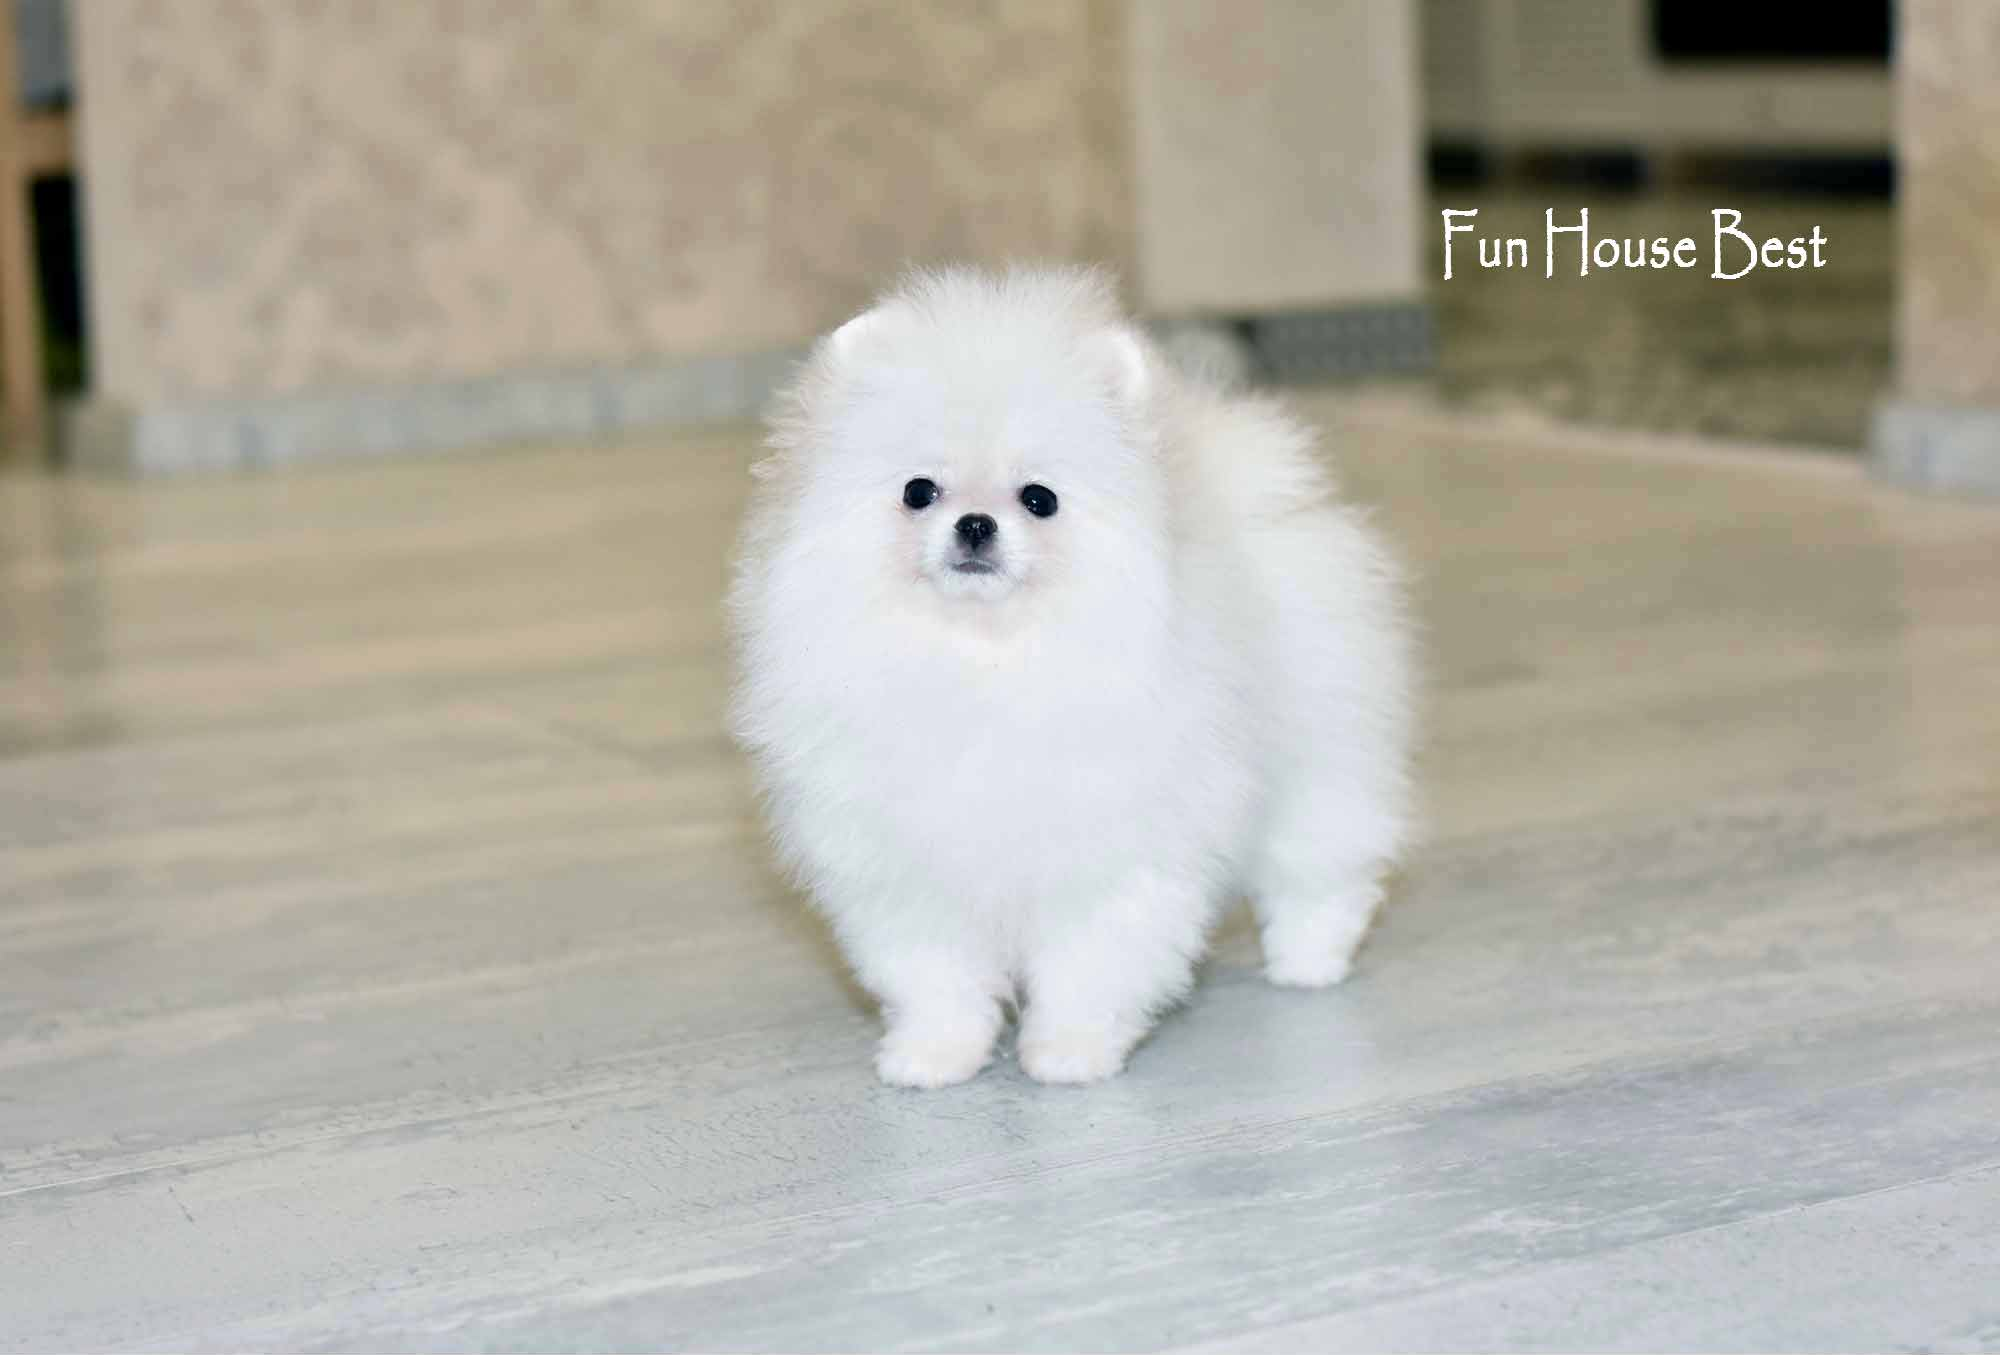 купить щенка шпица мишку белого окраса киев